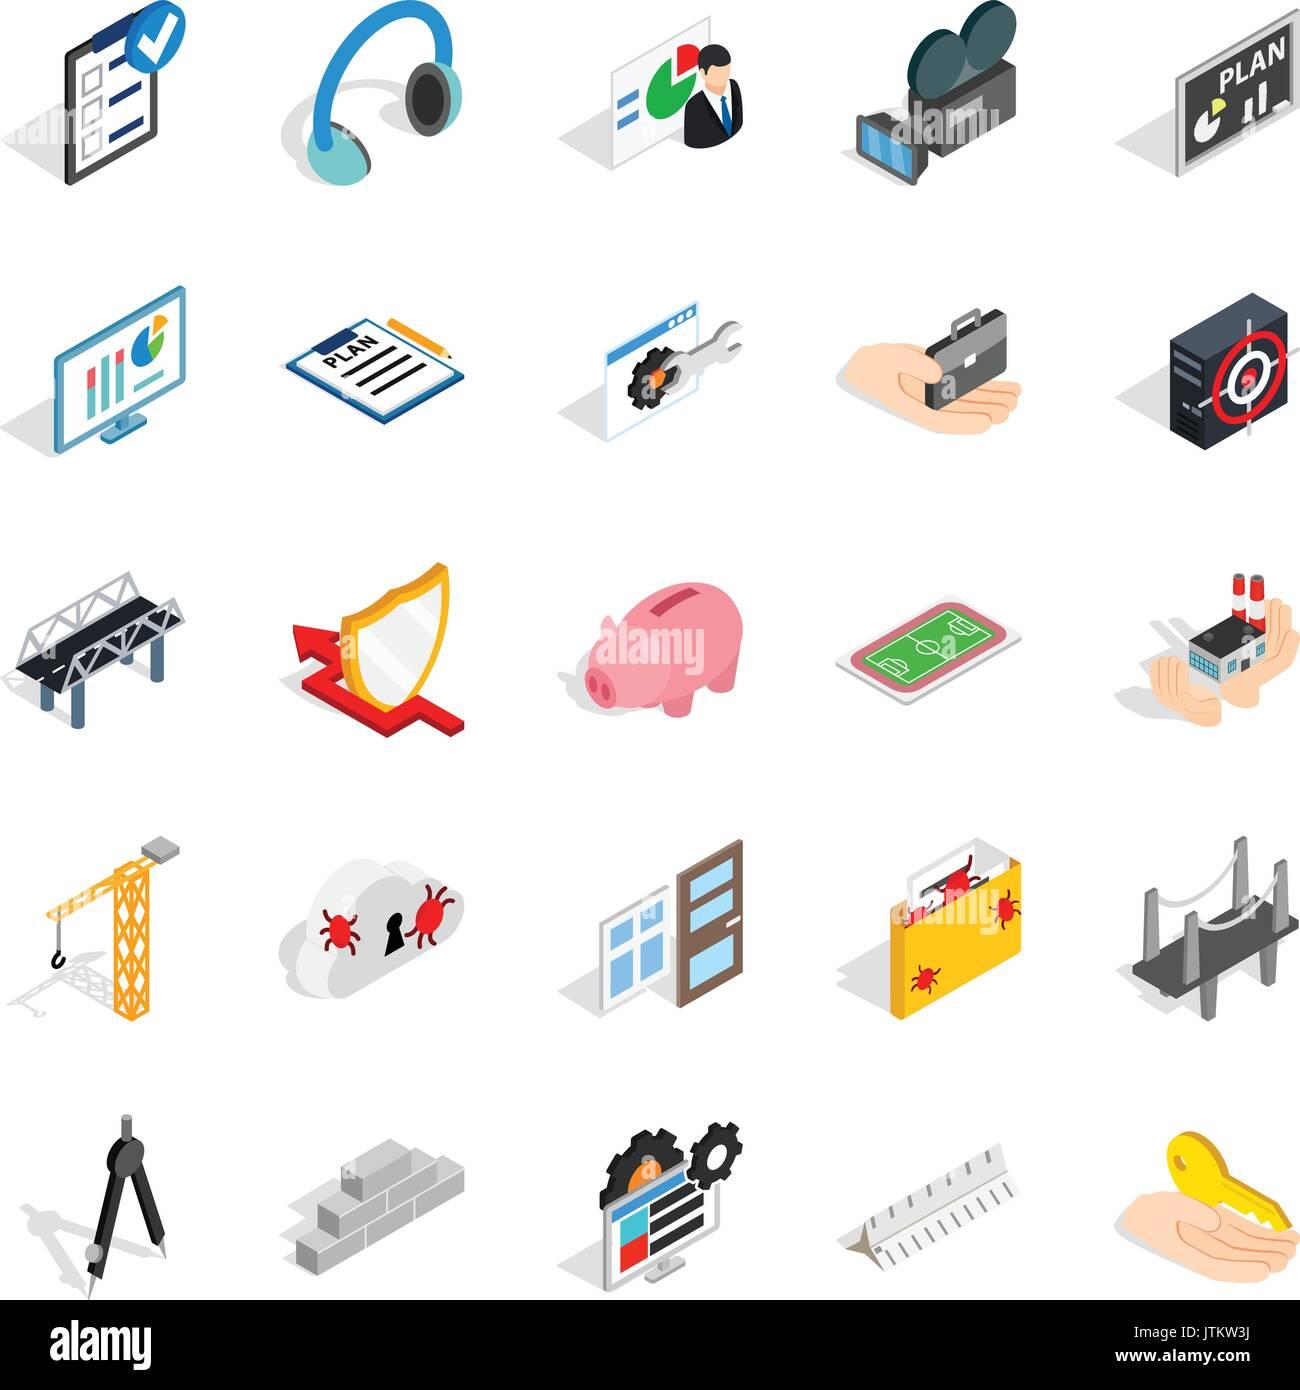 Optimisation icons set, isometric style - Stock Image